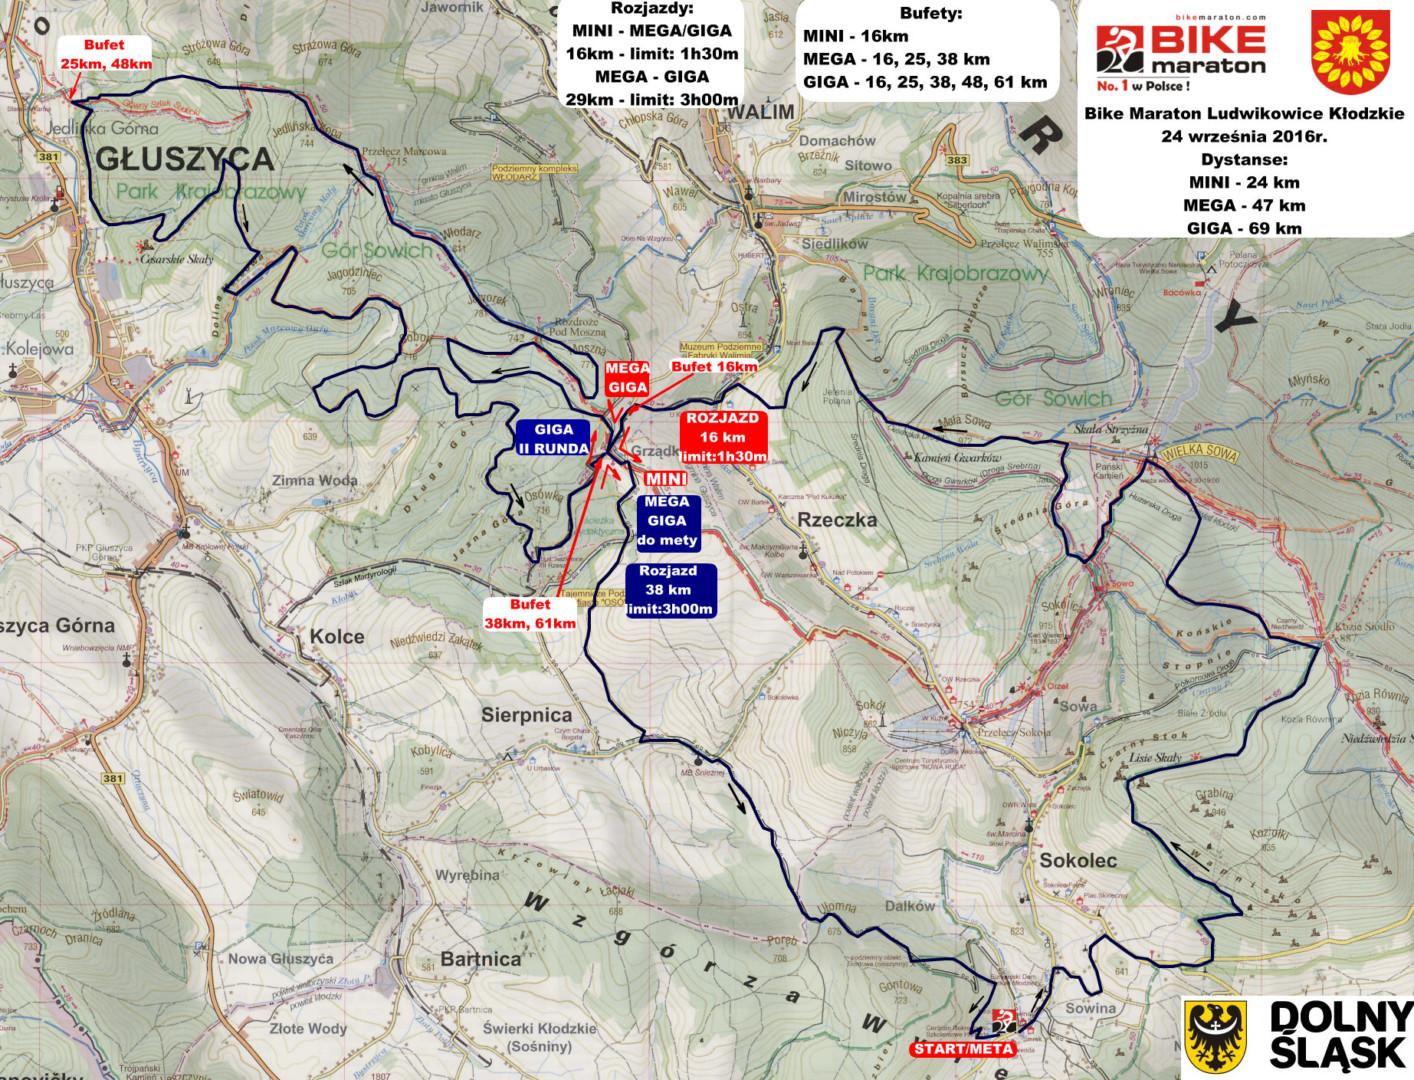 bike-maraton-ludwikowice-mapa